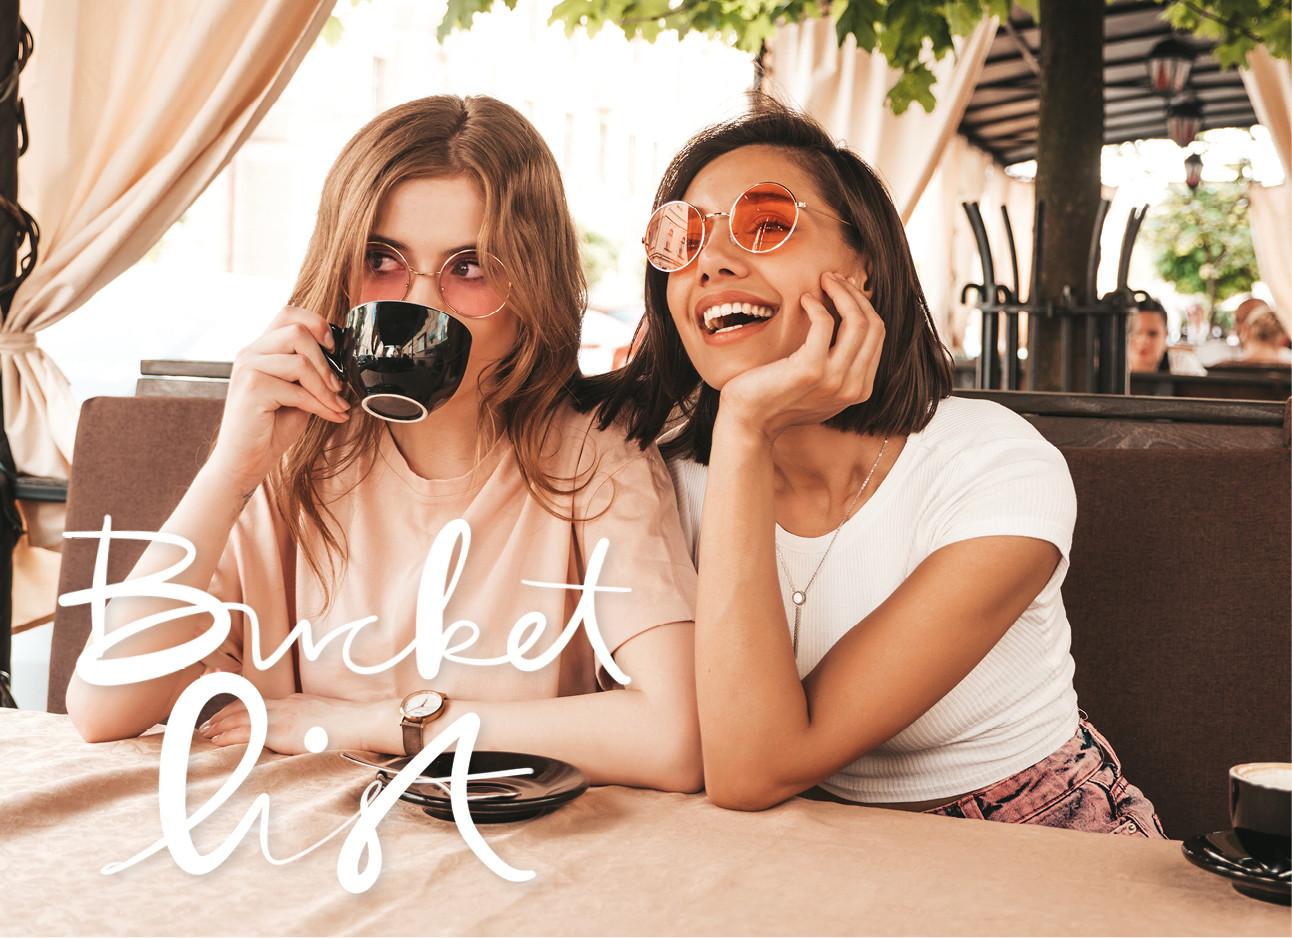 twee vriendinnen op een terrasje aan de koffie